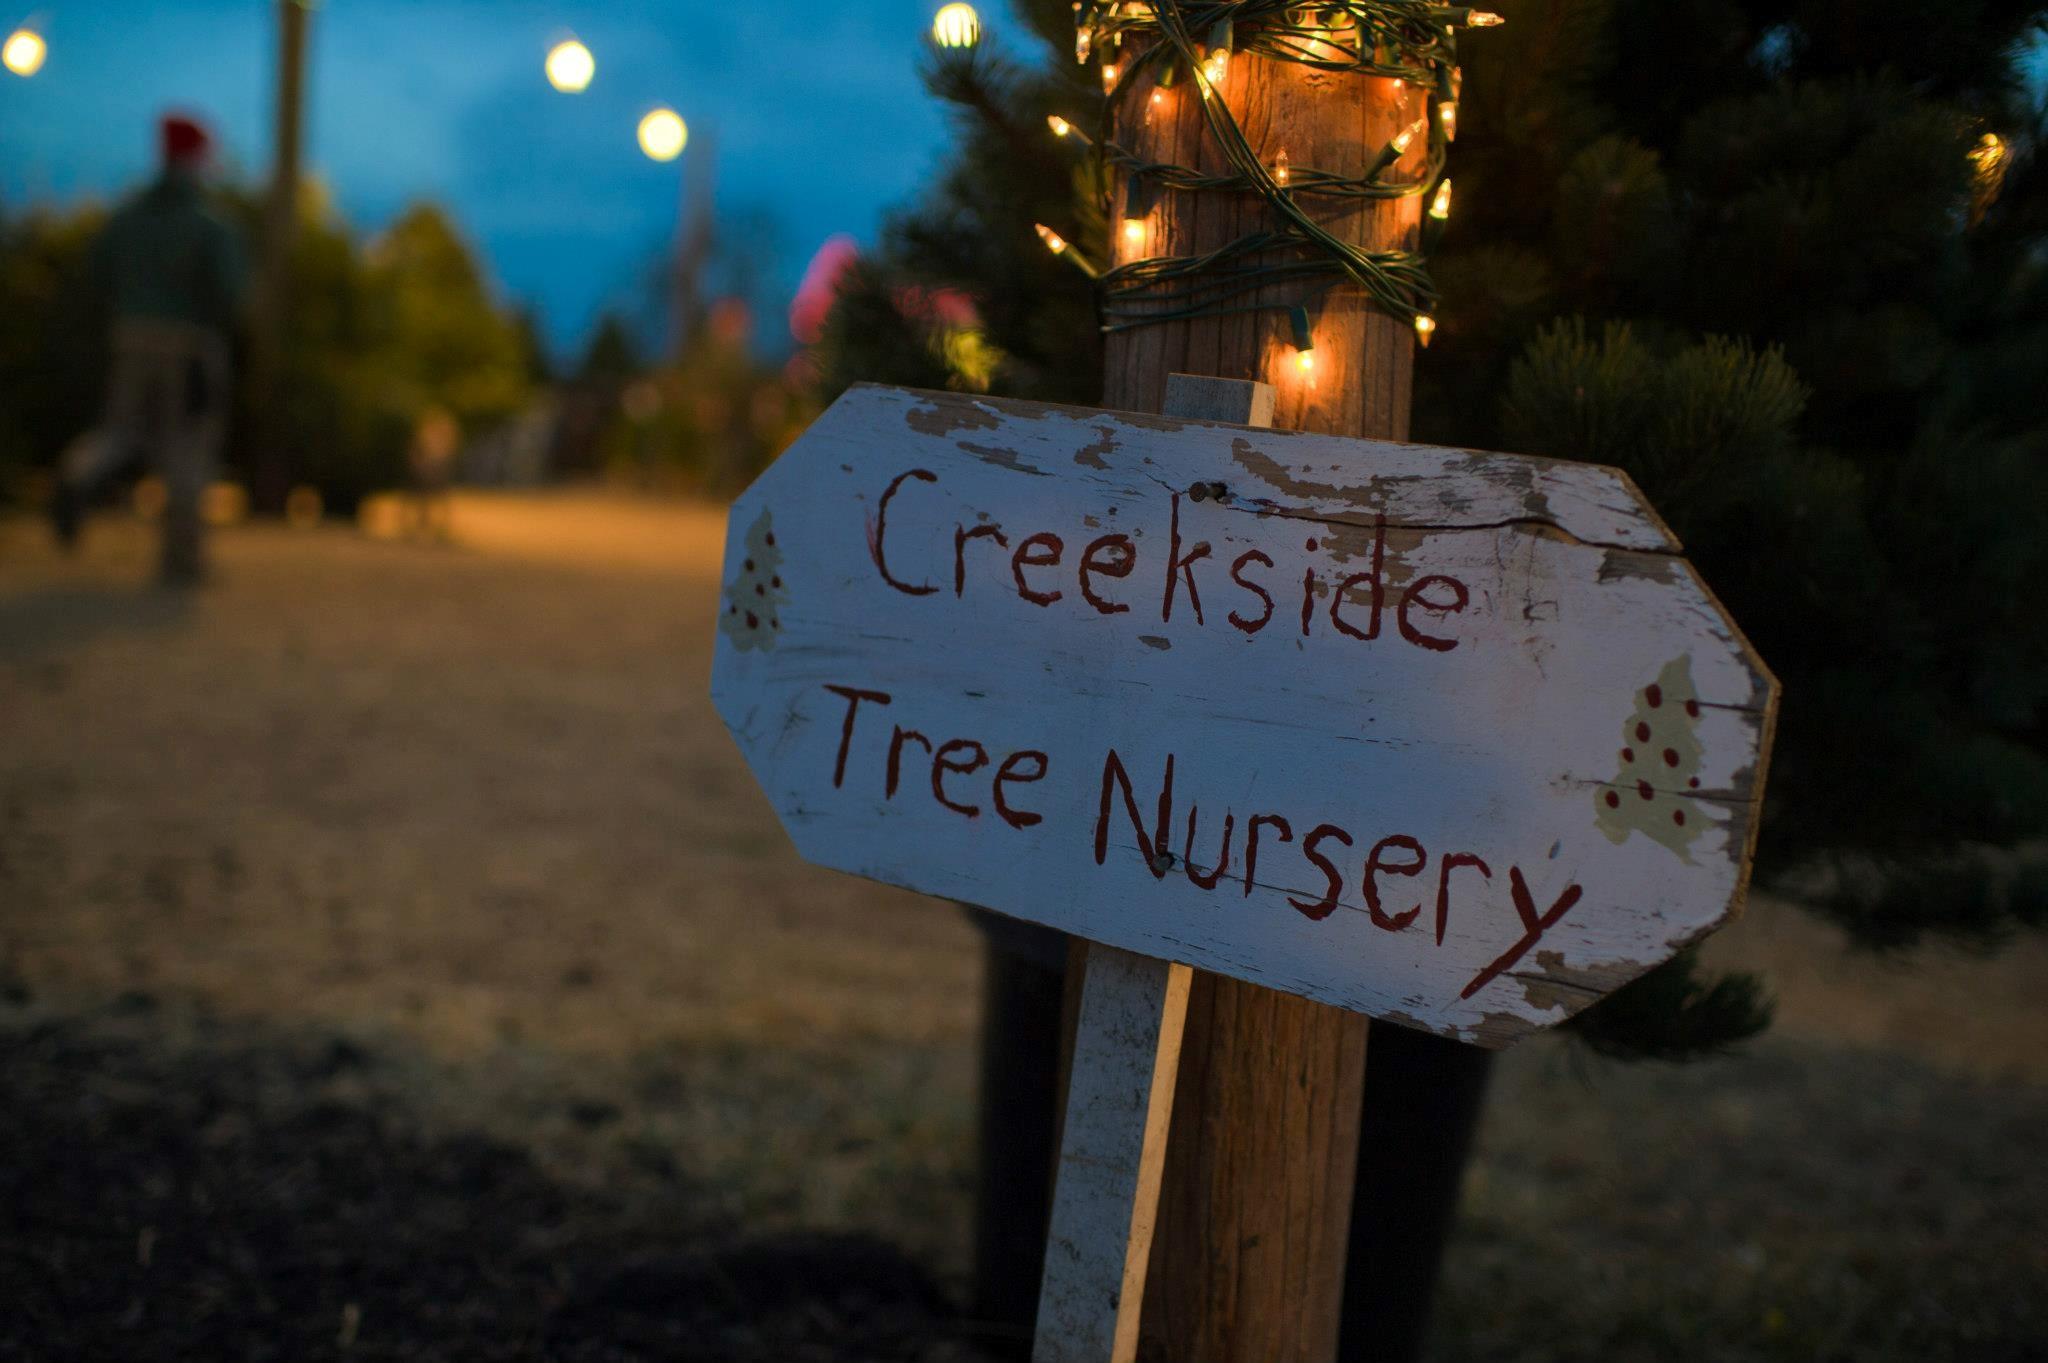 CreekSide Tree Nursery Christmas Tree Farm